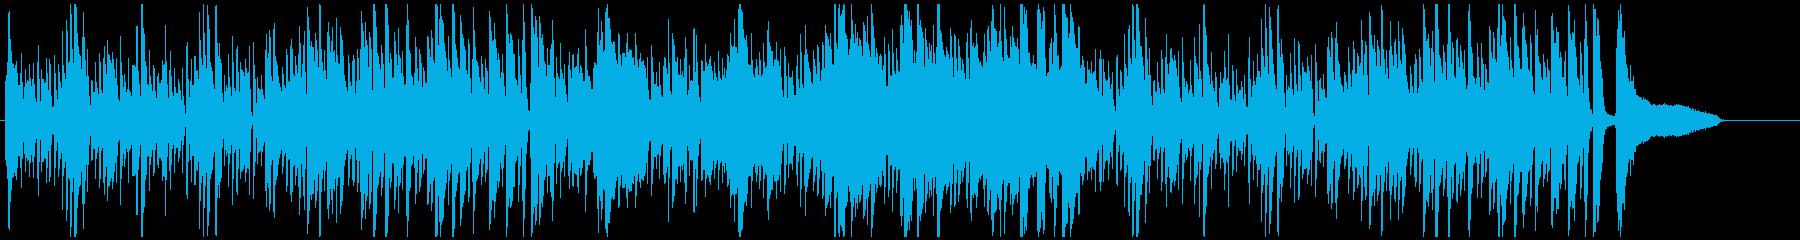 爽やかな午後をイメージしたボサノヴァ曲の再生済みの波形